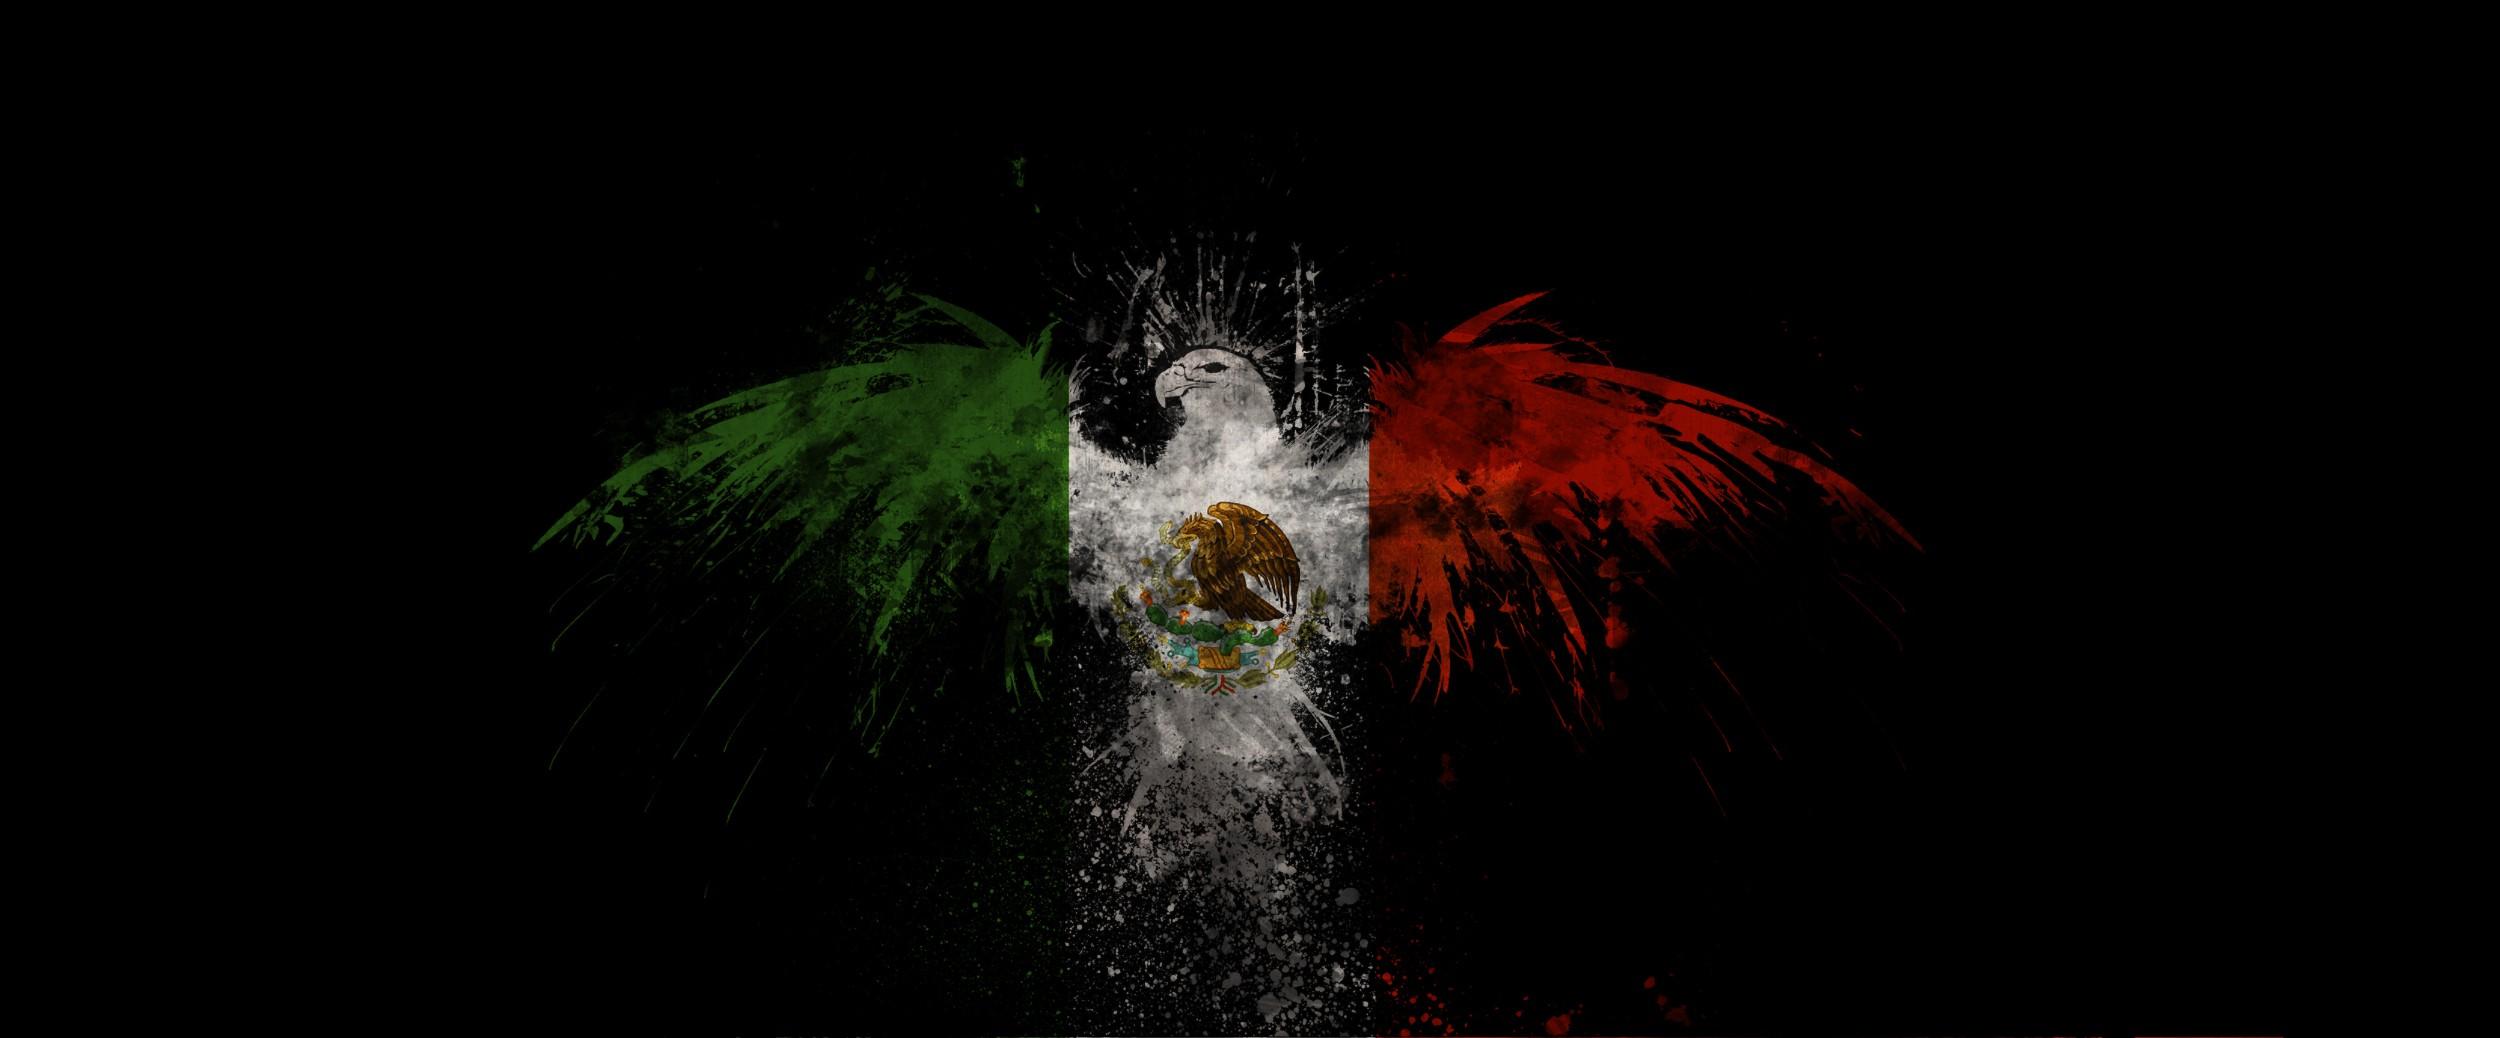 Fondos De Pantalla : Blanco, Arte Digital, Fondo Negro